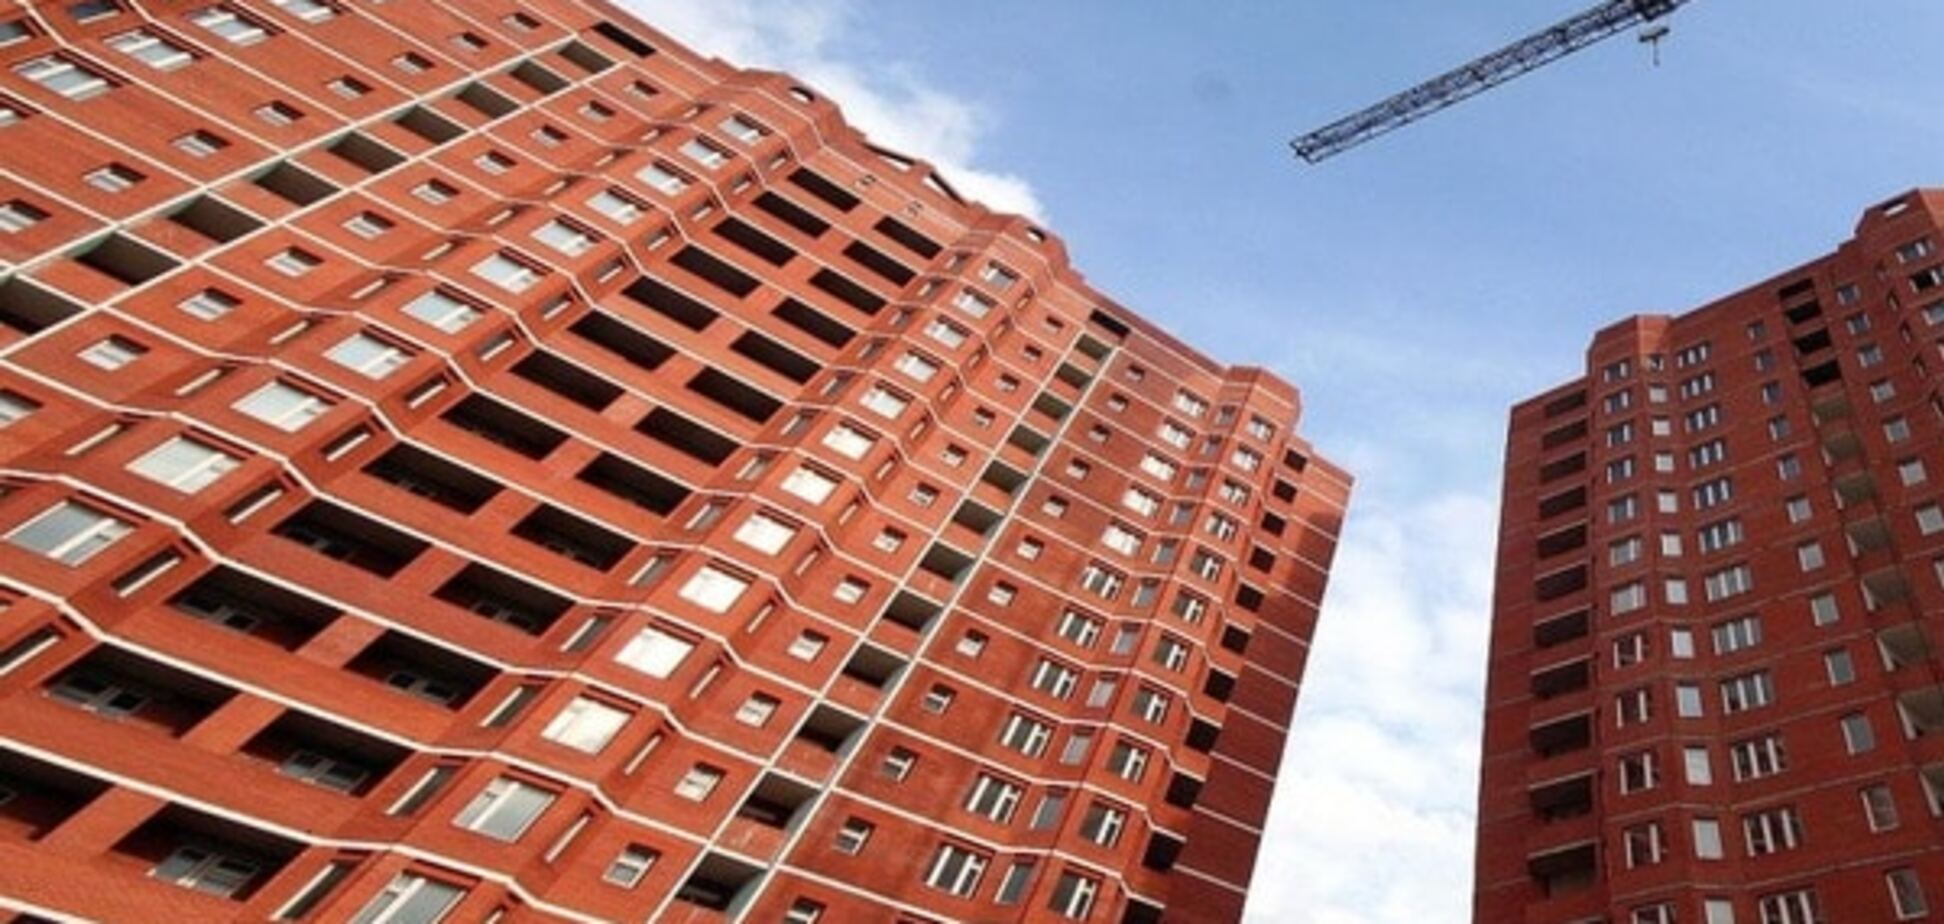 Из-за аферы с новостройками жители Киева рискуют массово лишиться квартир